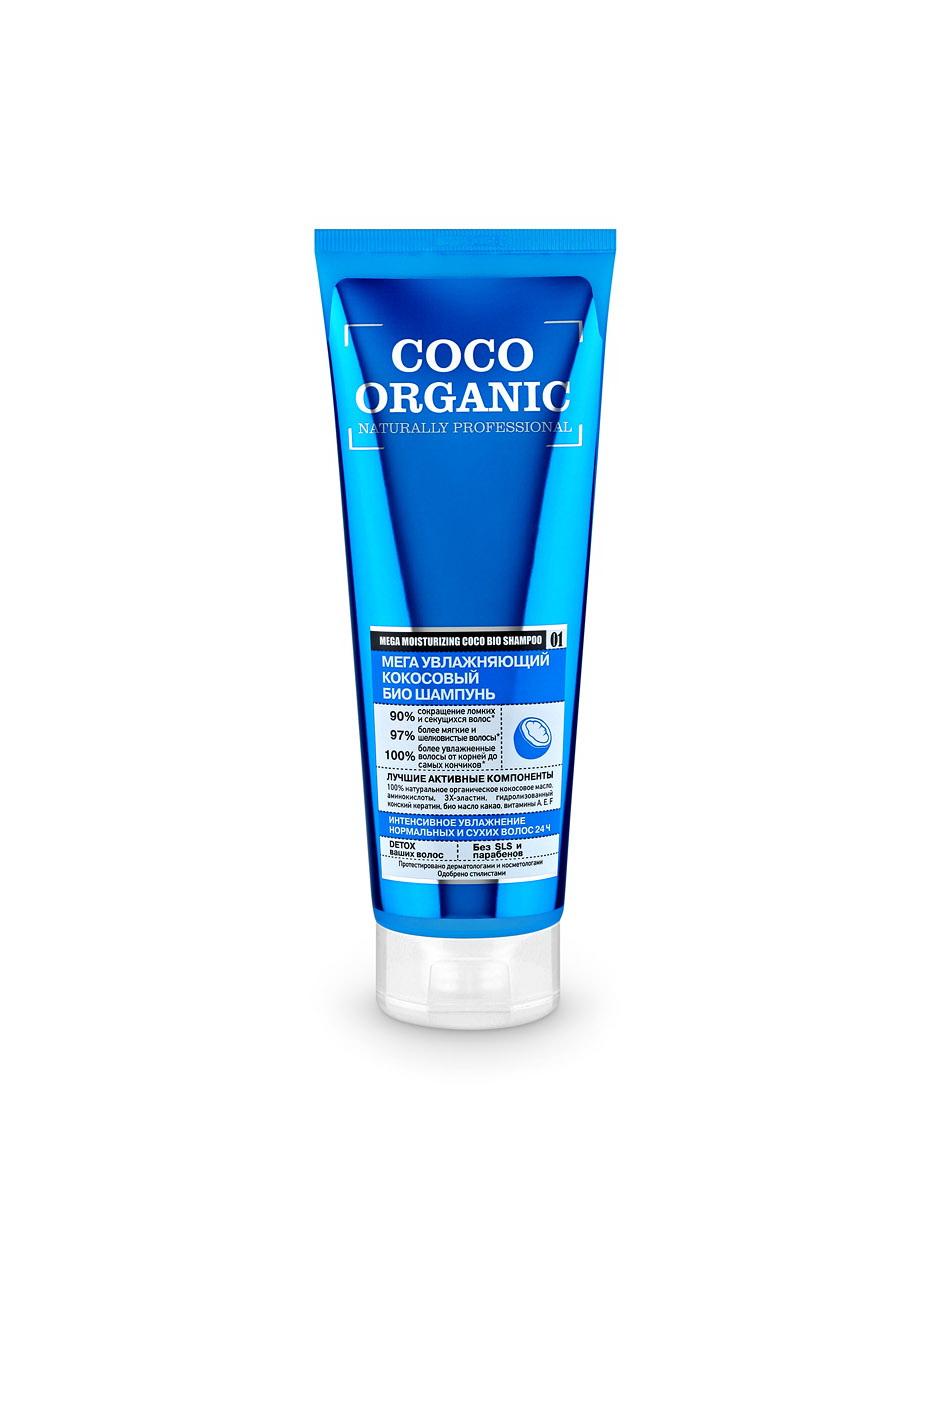 Оrganic Shop Naturally professional Шампунь для волос Мега увлажняющий, кокосовый, 250 млFS-54100100% натуральное органическое кокосовое масло и био масло какао интенсивно увлажняют, не утяжеляя волосы, наполняя их жизненной энергией. Гидролизованный конский кератин удерживает влагу глубоко в структуре волос, защищает их от термо и УФ воздействий. Аминокислоты укрепляют ослабленные корни, делают волосы более здоровыми. 3Х-эластин выравнивает поверхность волос, предотвращая ломкость и сечение, делает волосы гладкими и эластичными по всей длине.